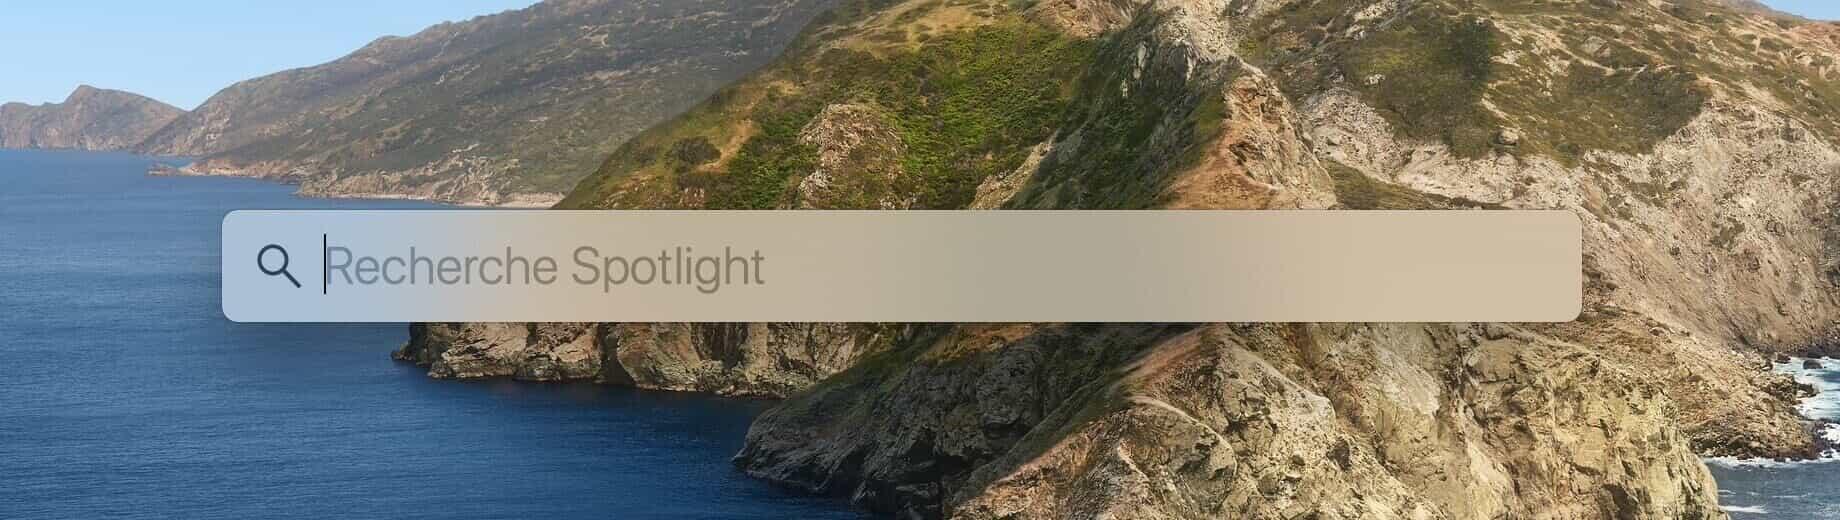 recherche Spotlight